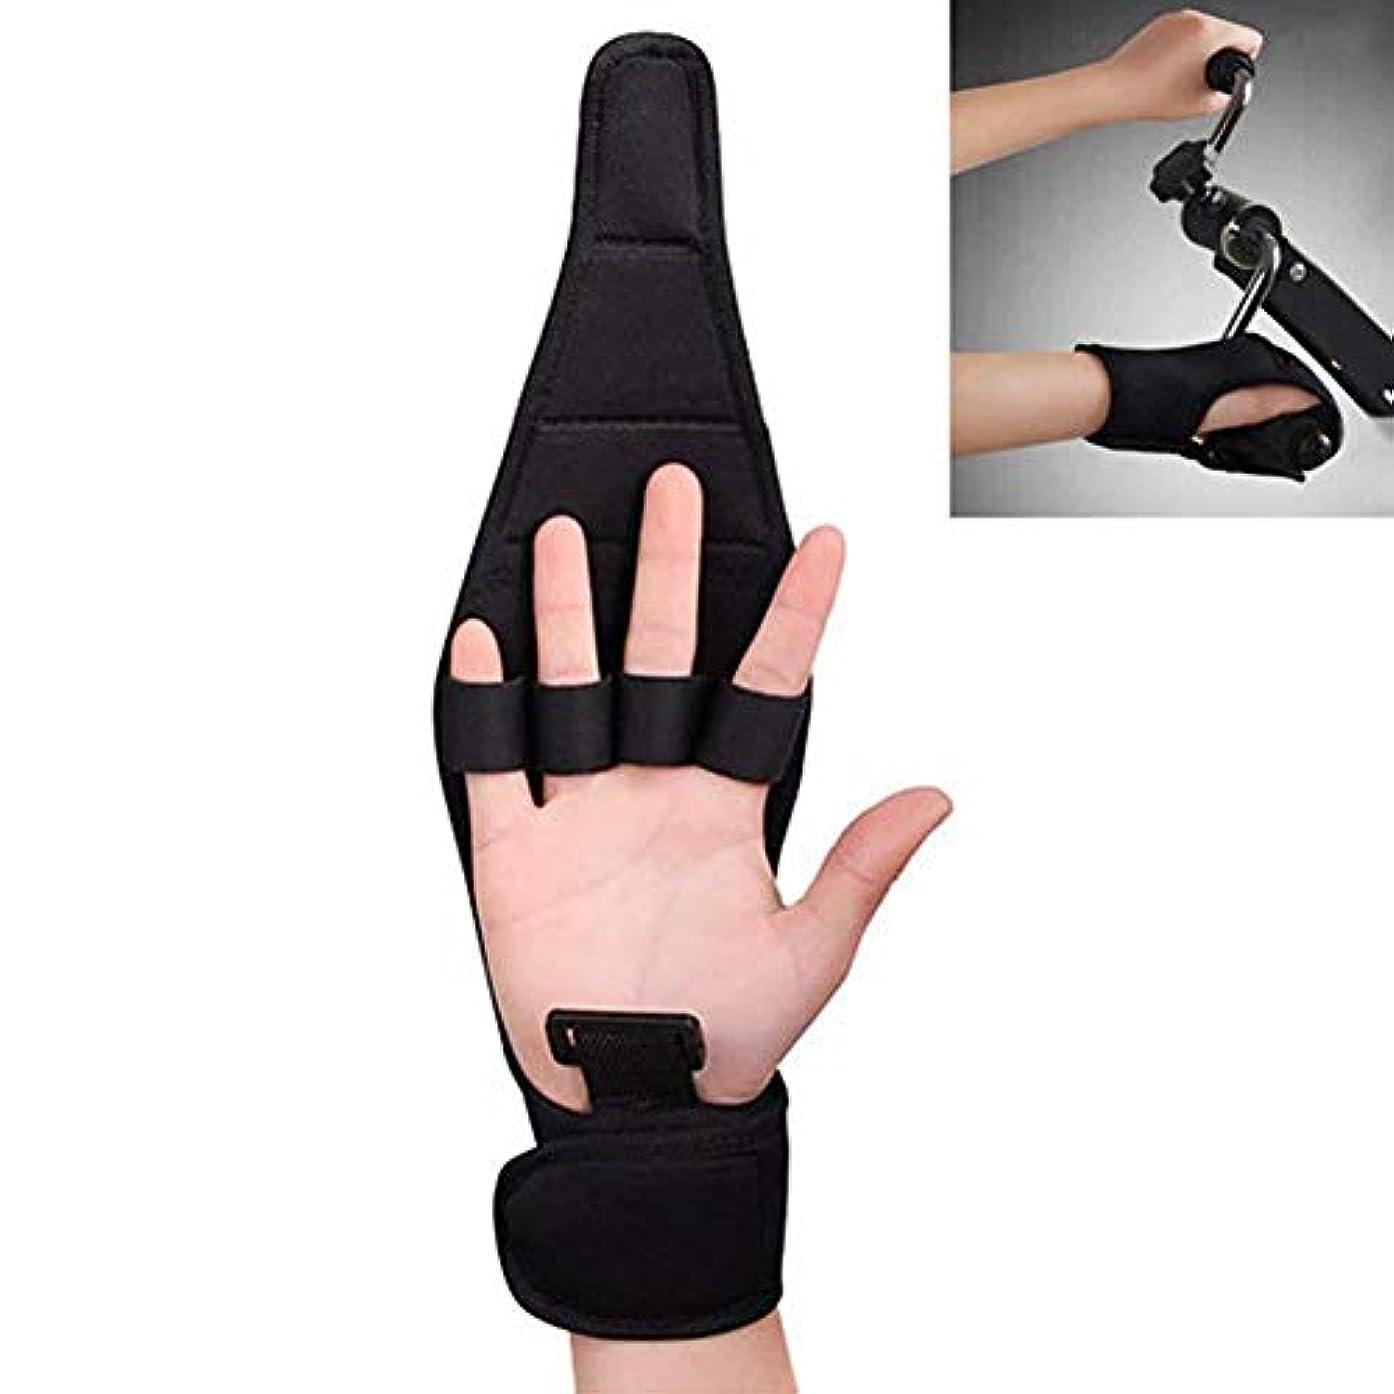 定常悪性のホステストリガーフィンガースプリント、関節炎グローブセパレーターでのトレーニングサポートをサポート手装具手首の怪我リハビリテーショントレーニング,1PCS